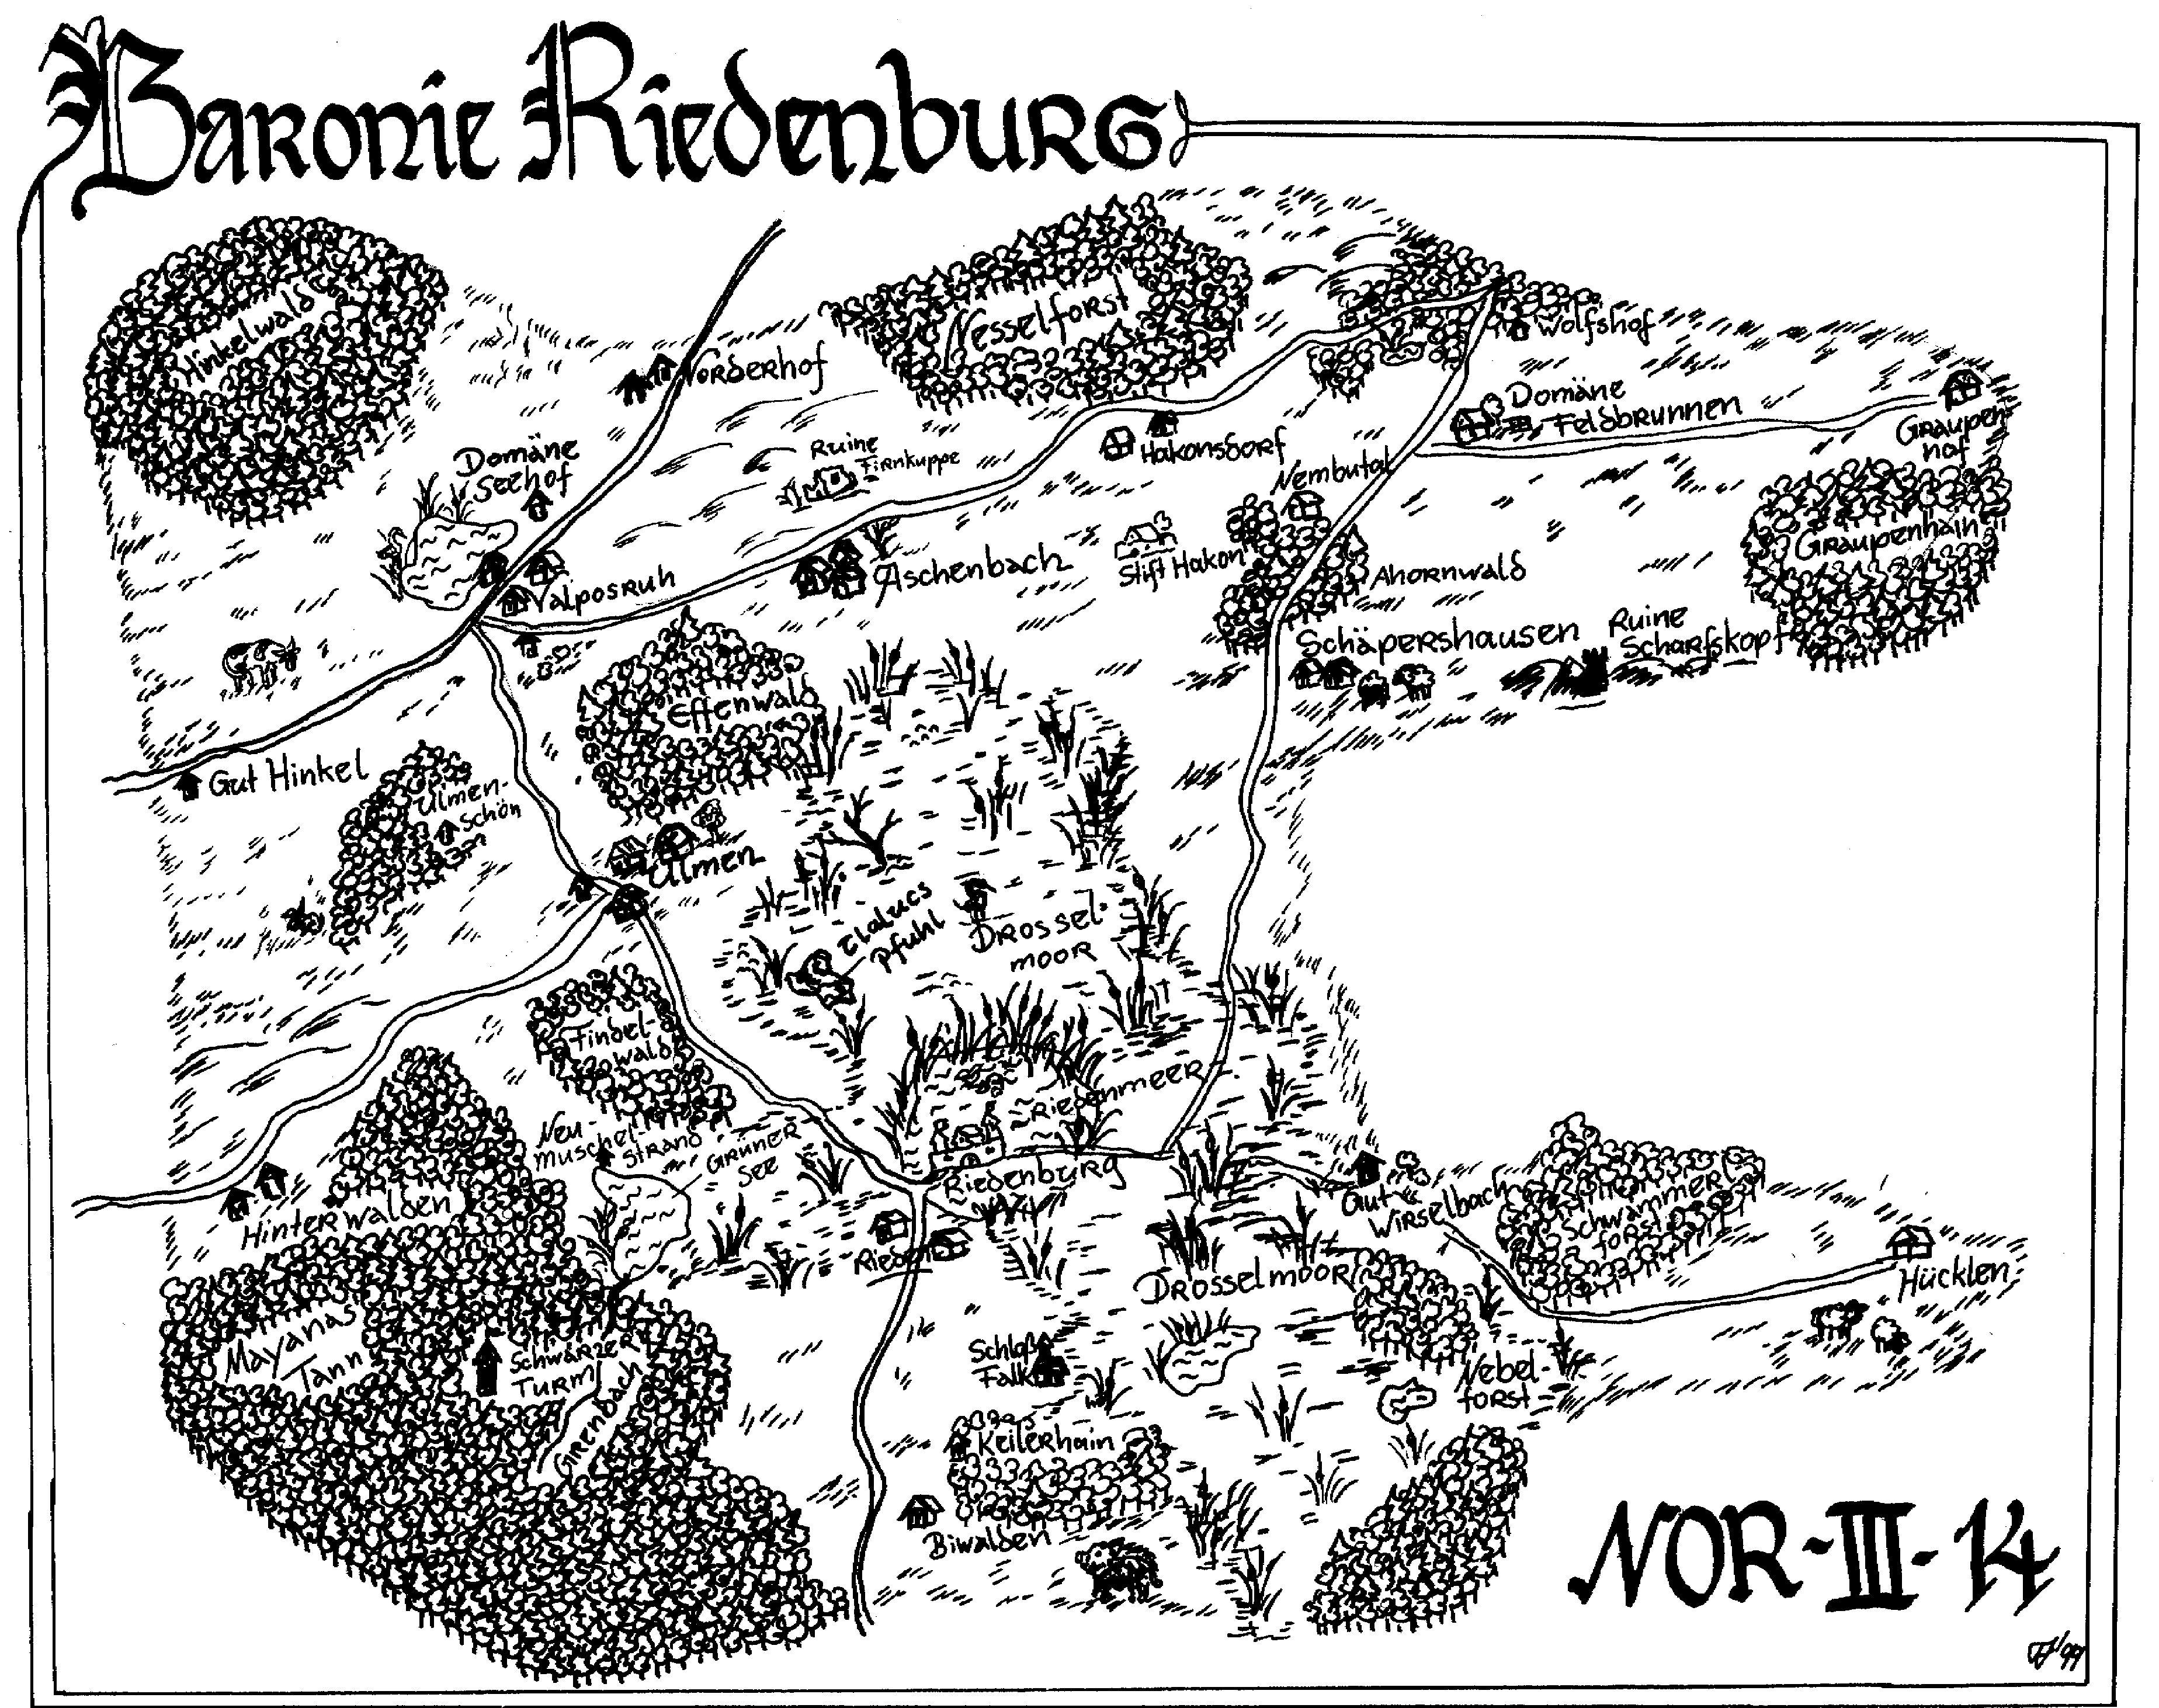 Karte Riedenburg (c) T. Hagner